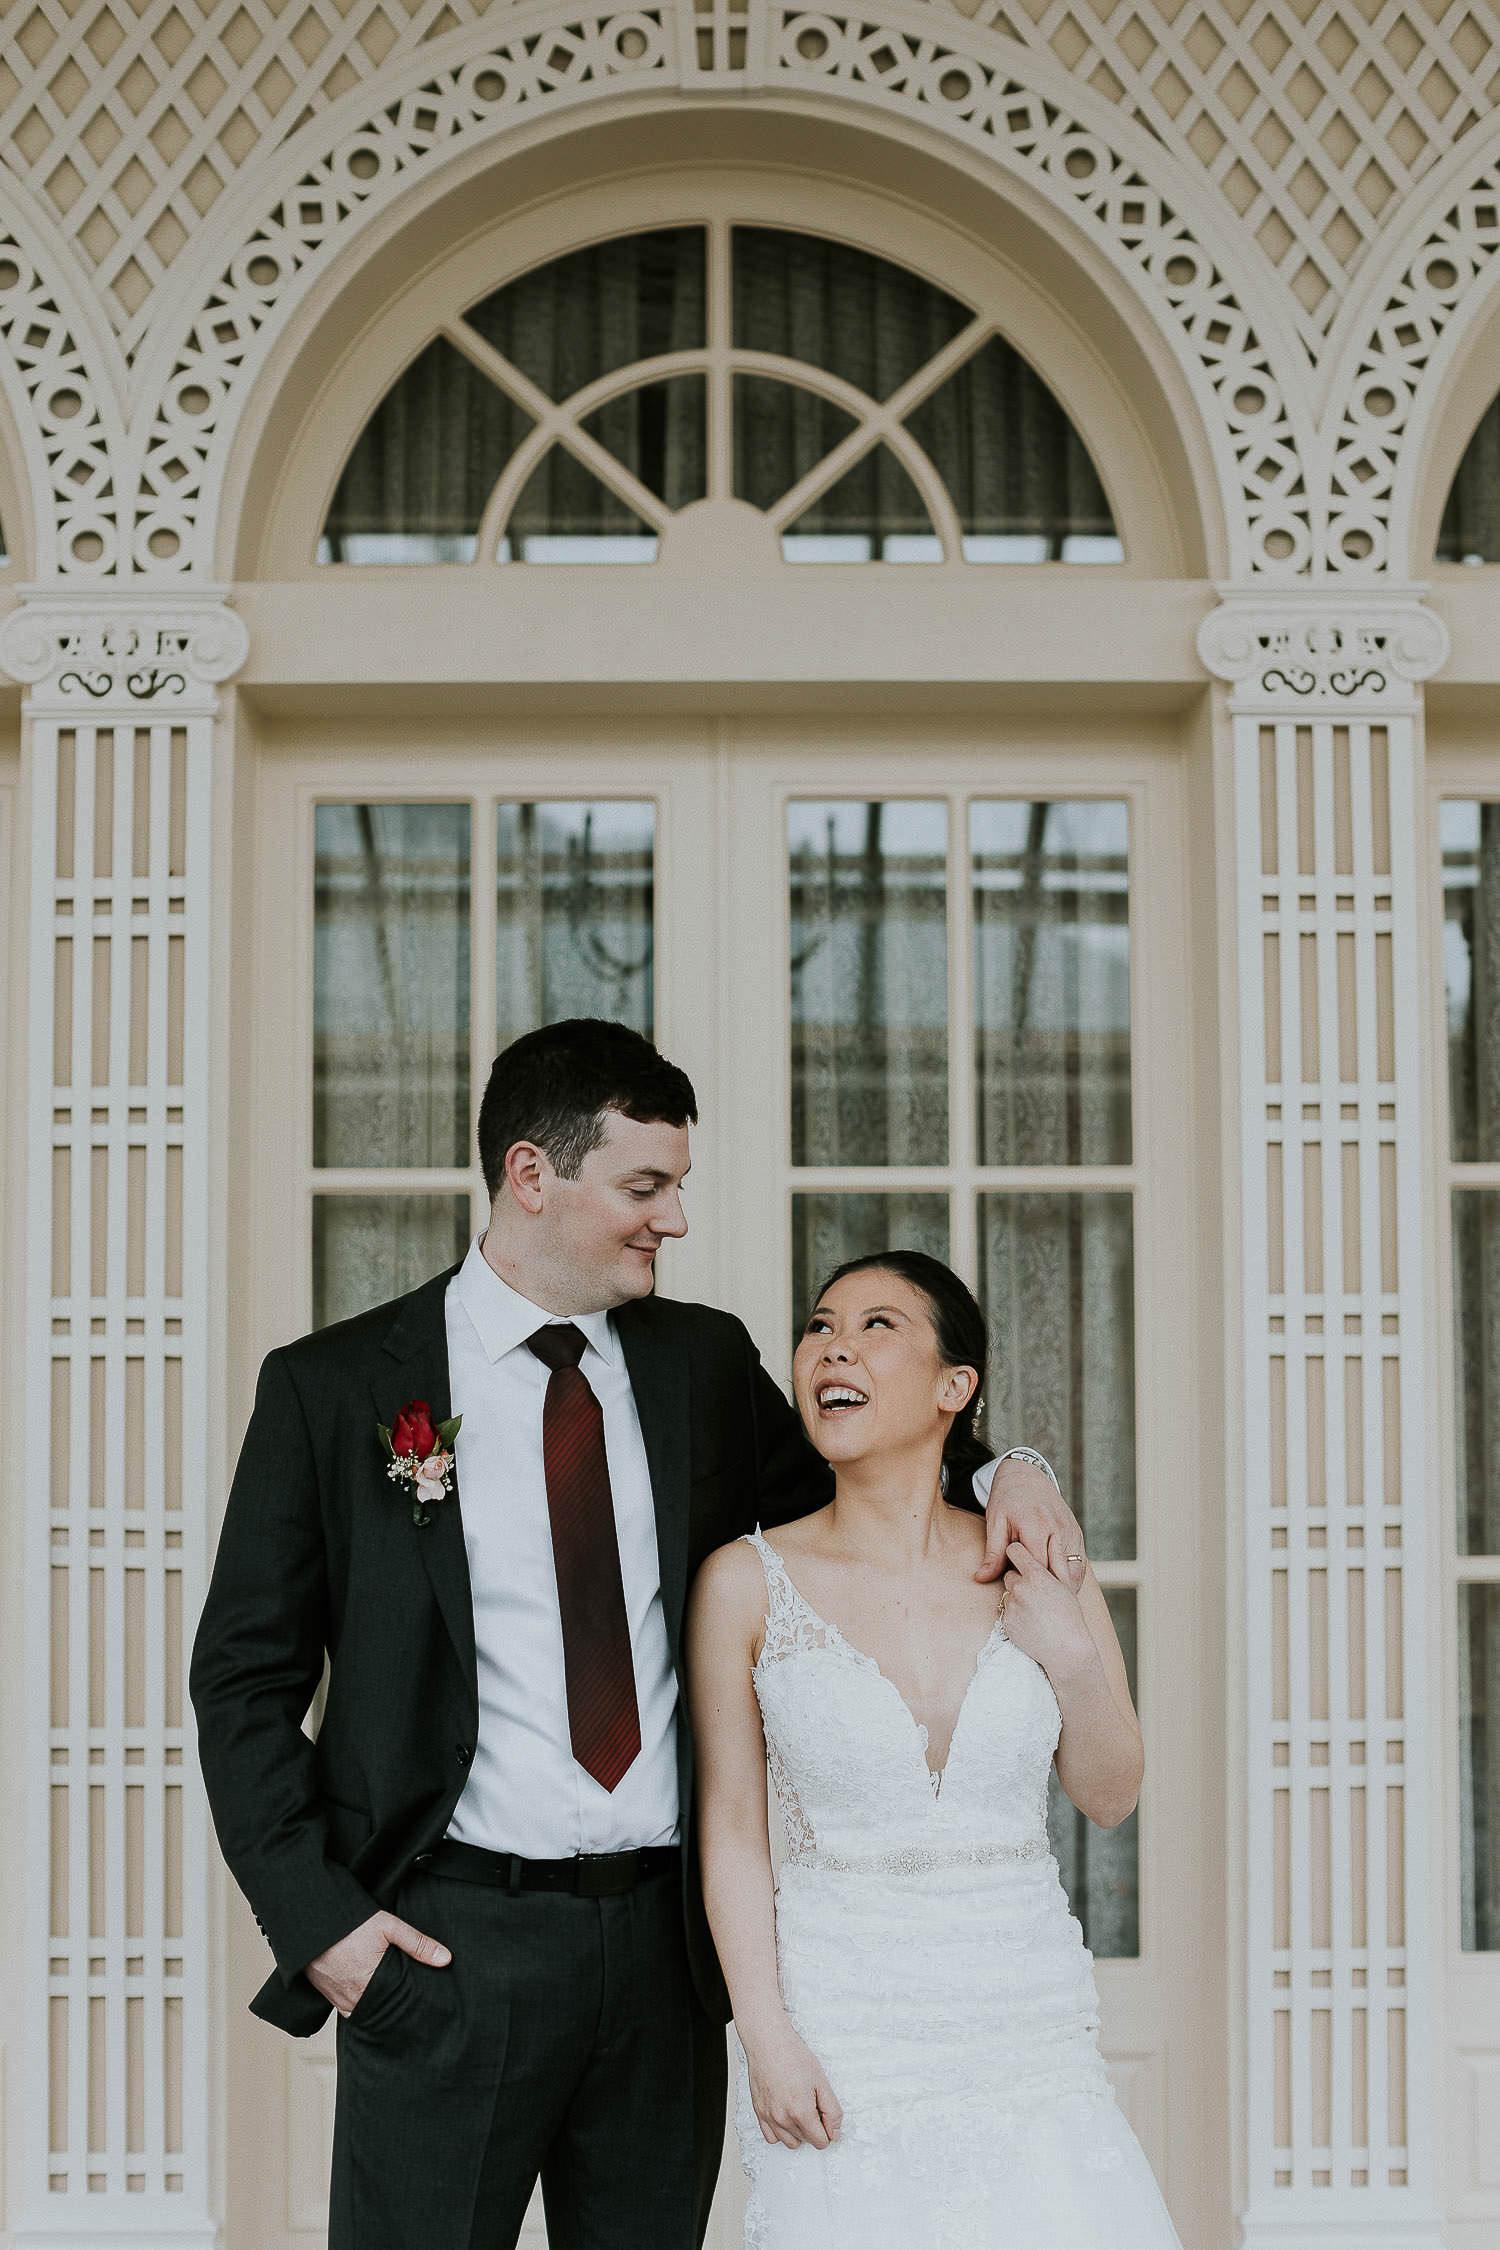 intimate-wedding-at-banff-springs-hotel-sarah-pukin-0216